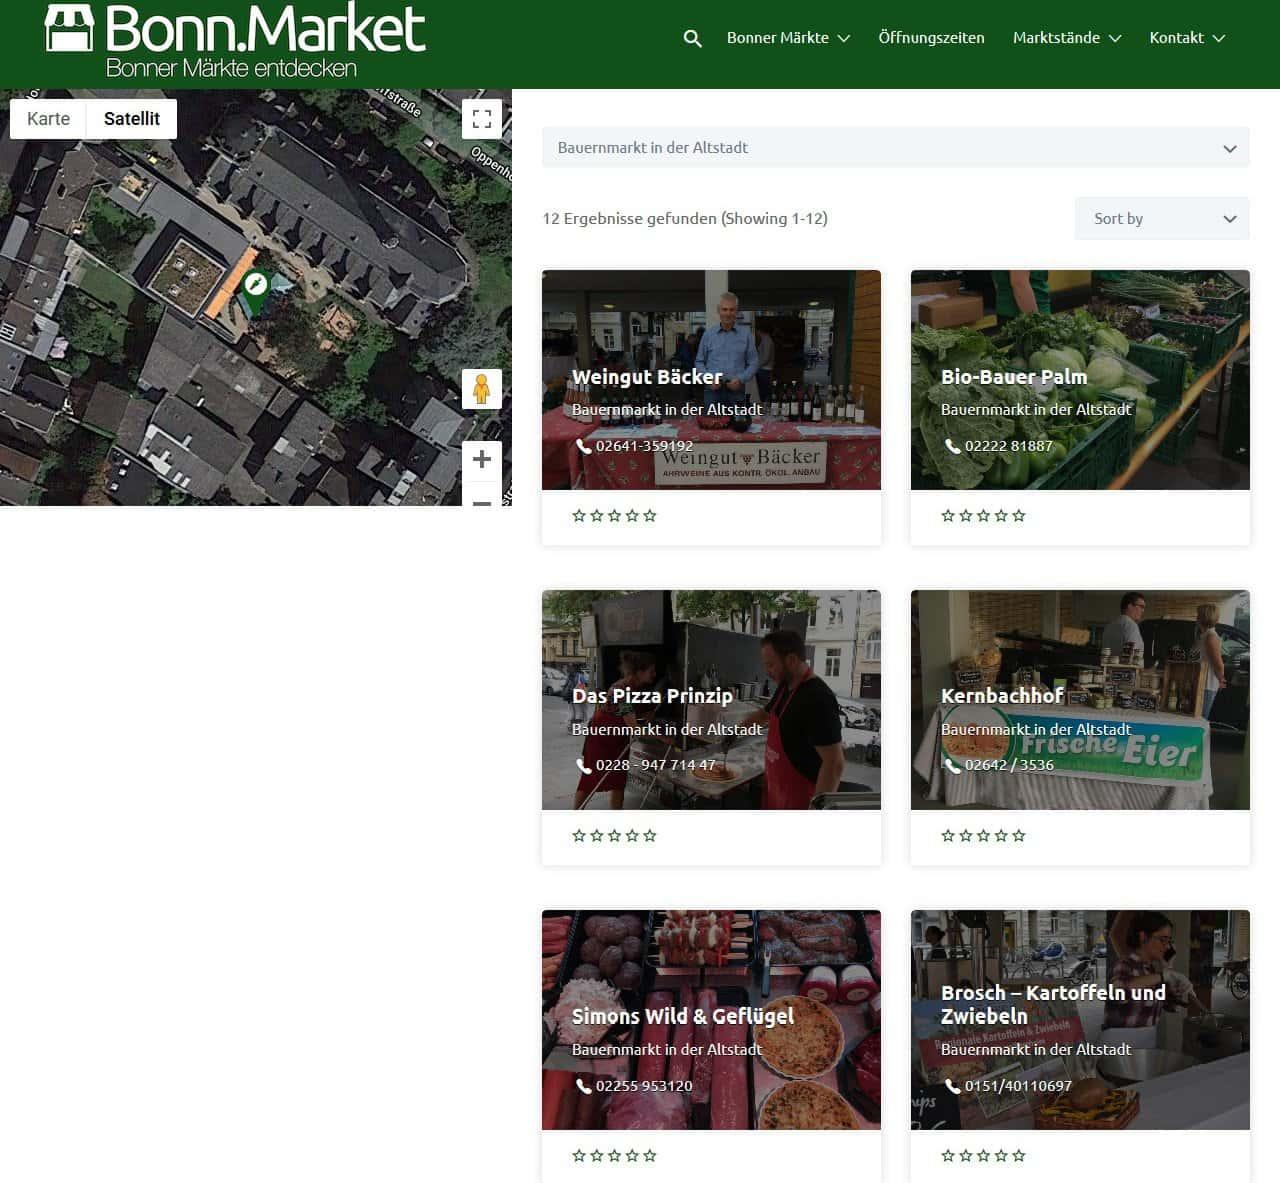 Marktbeschicker bonn.market